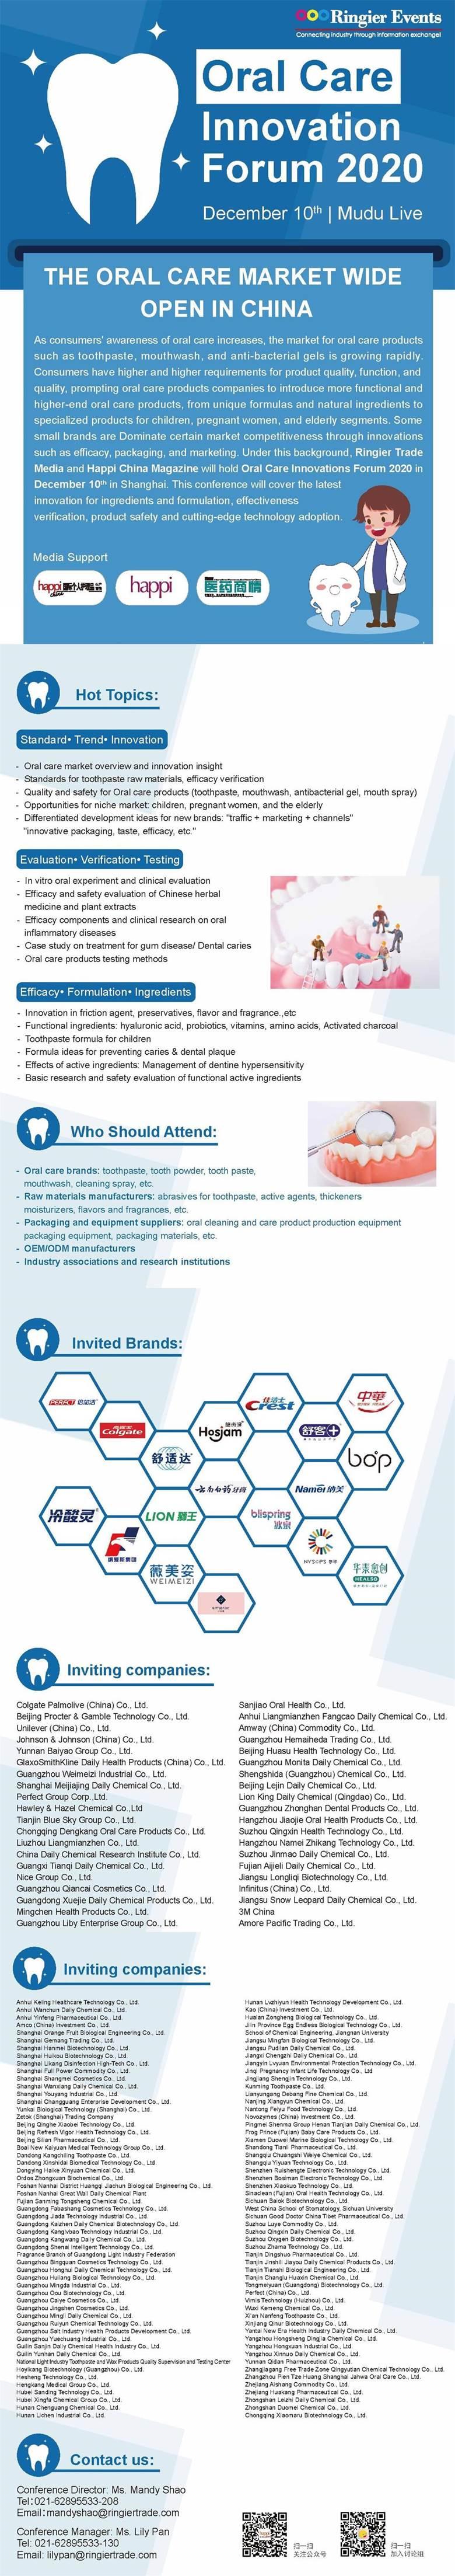 2020 Oral Care forum- en-tiomg-append-image.jpg